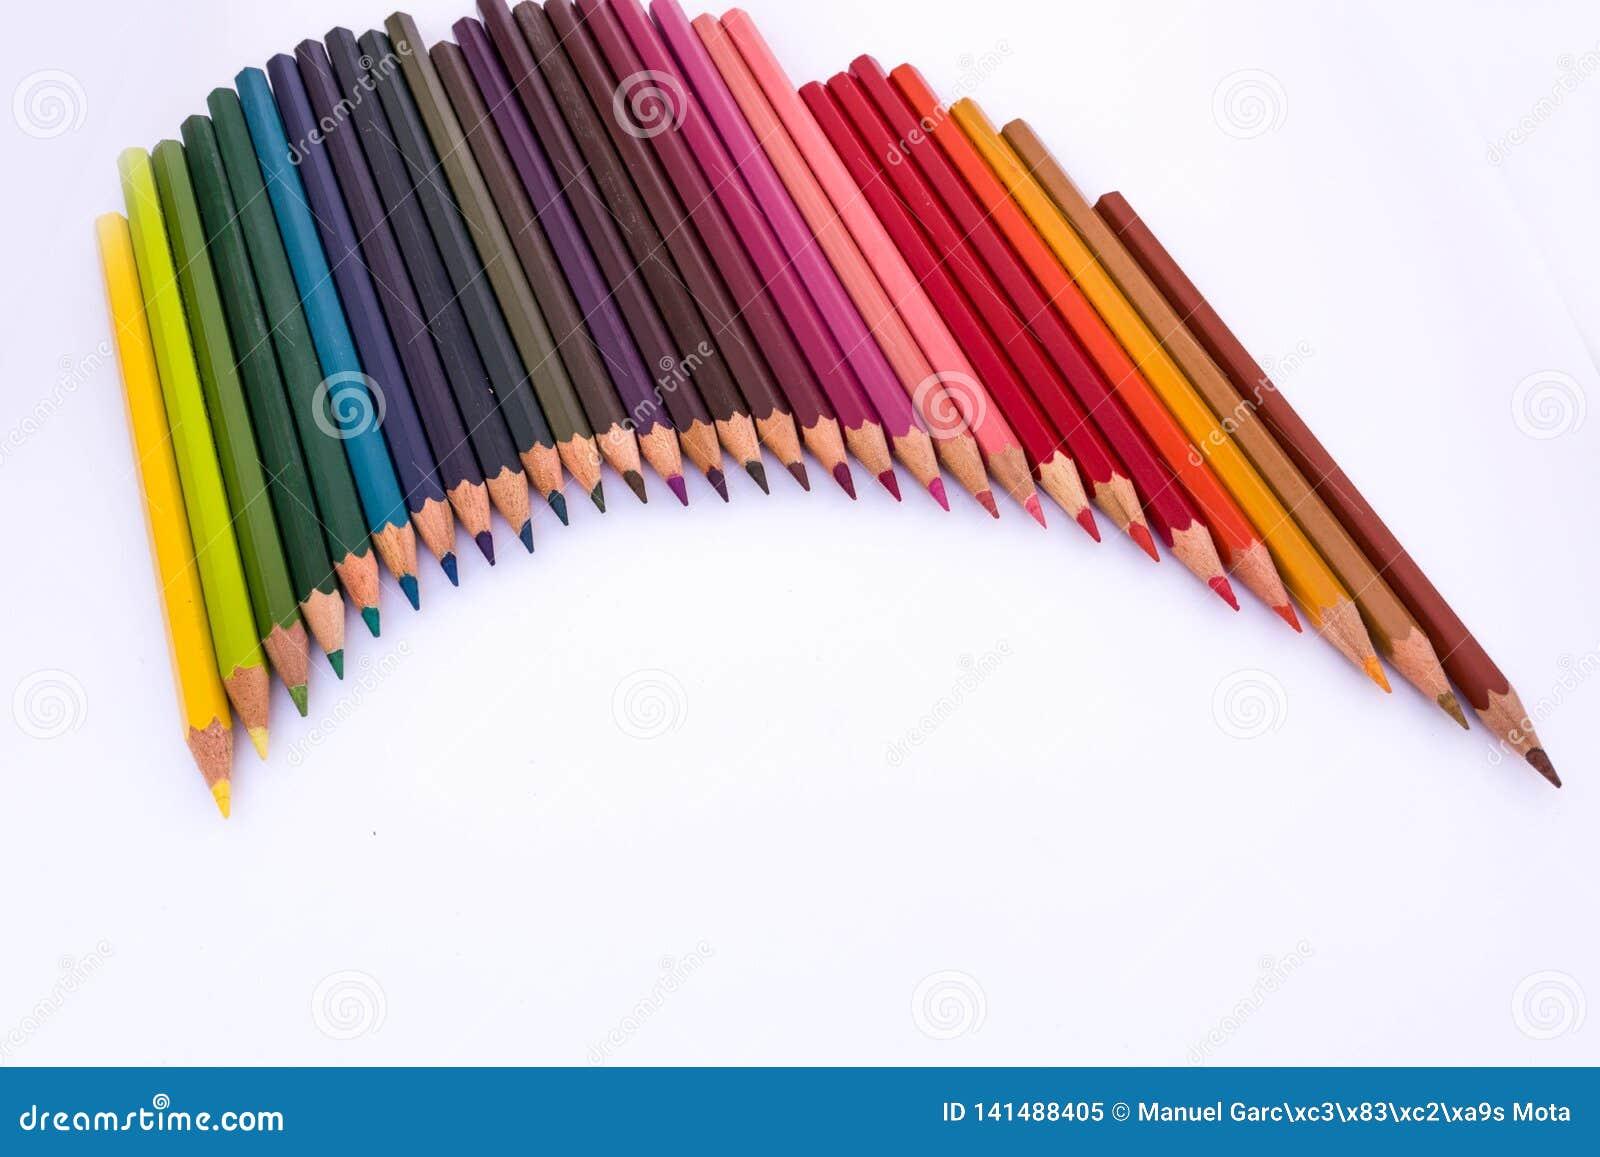 Lápices coloreados de madera